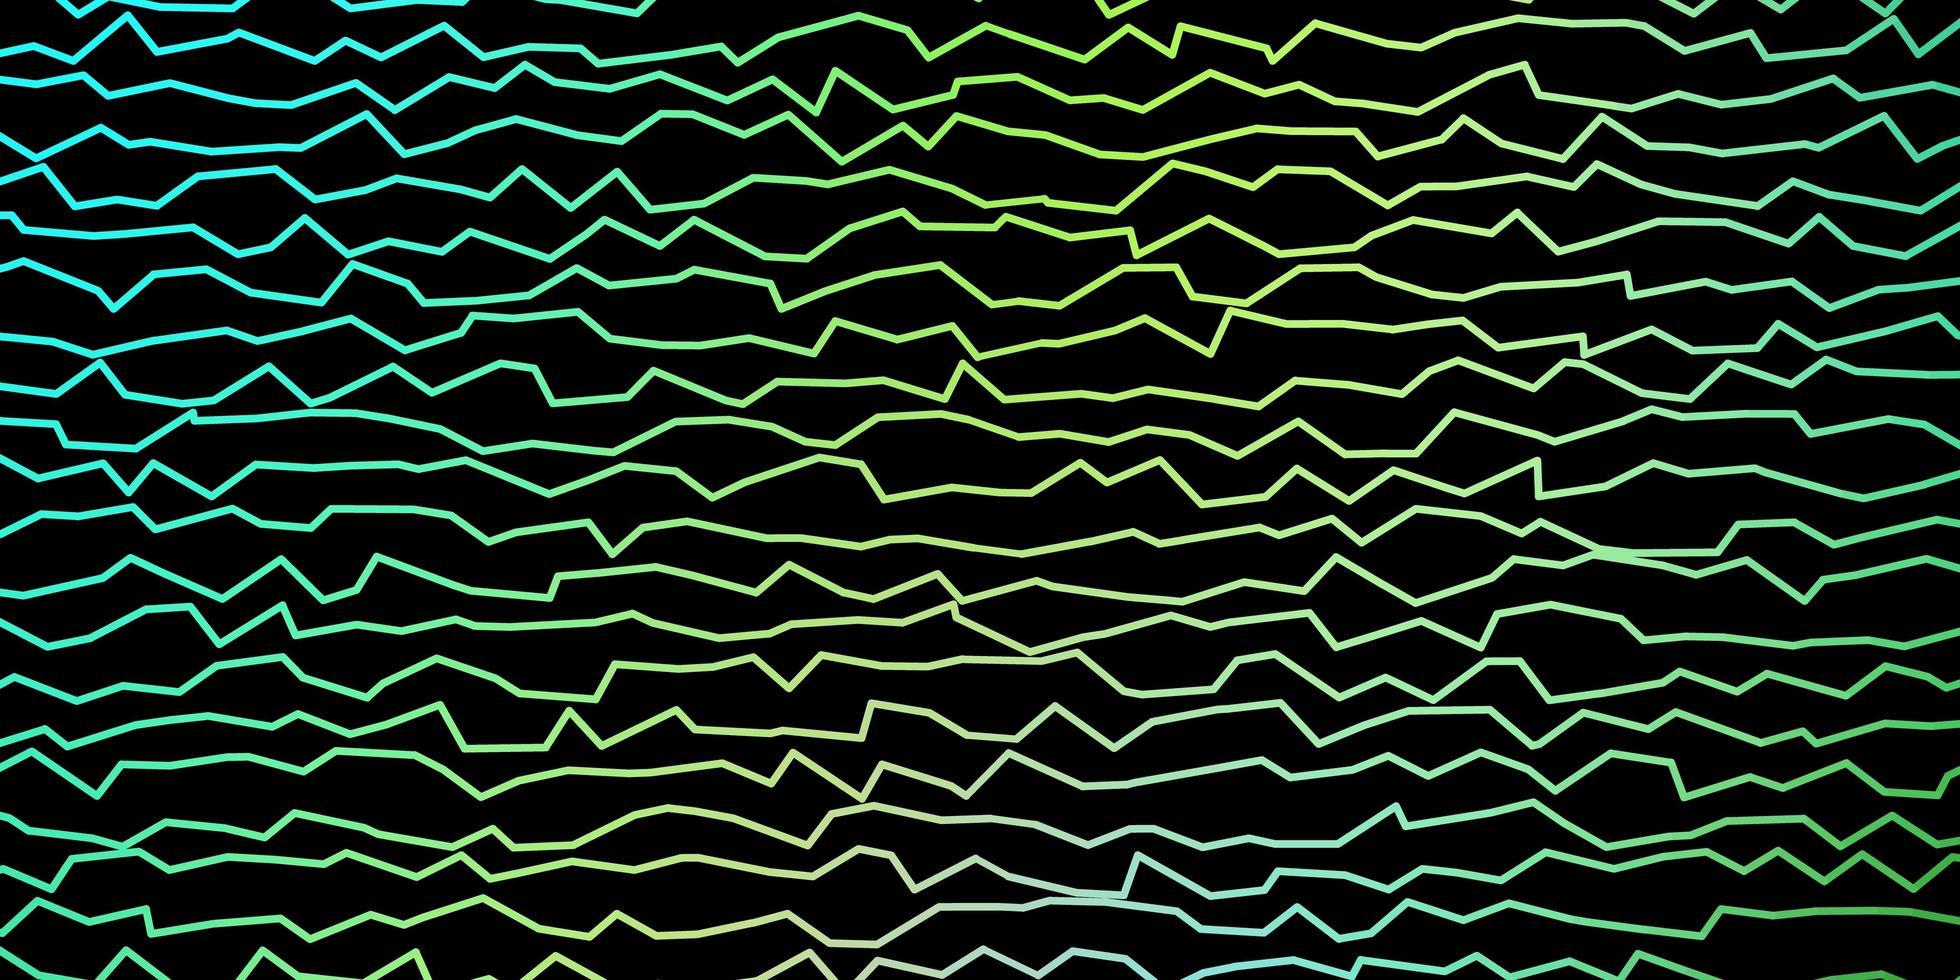 donkerblauwe, gele achtergrond met gebogen lijnen. vector